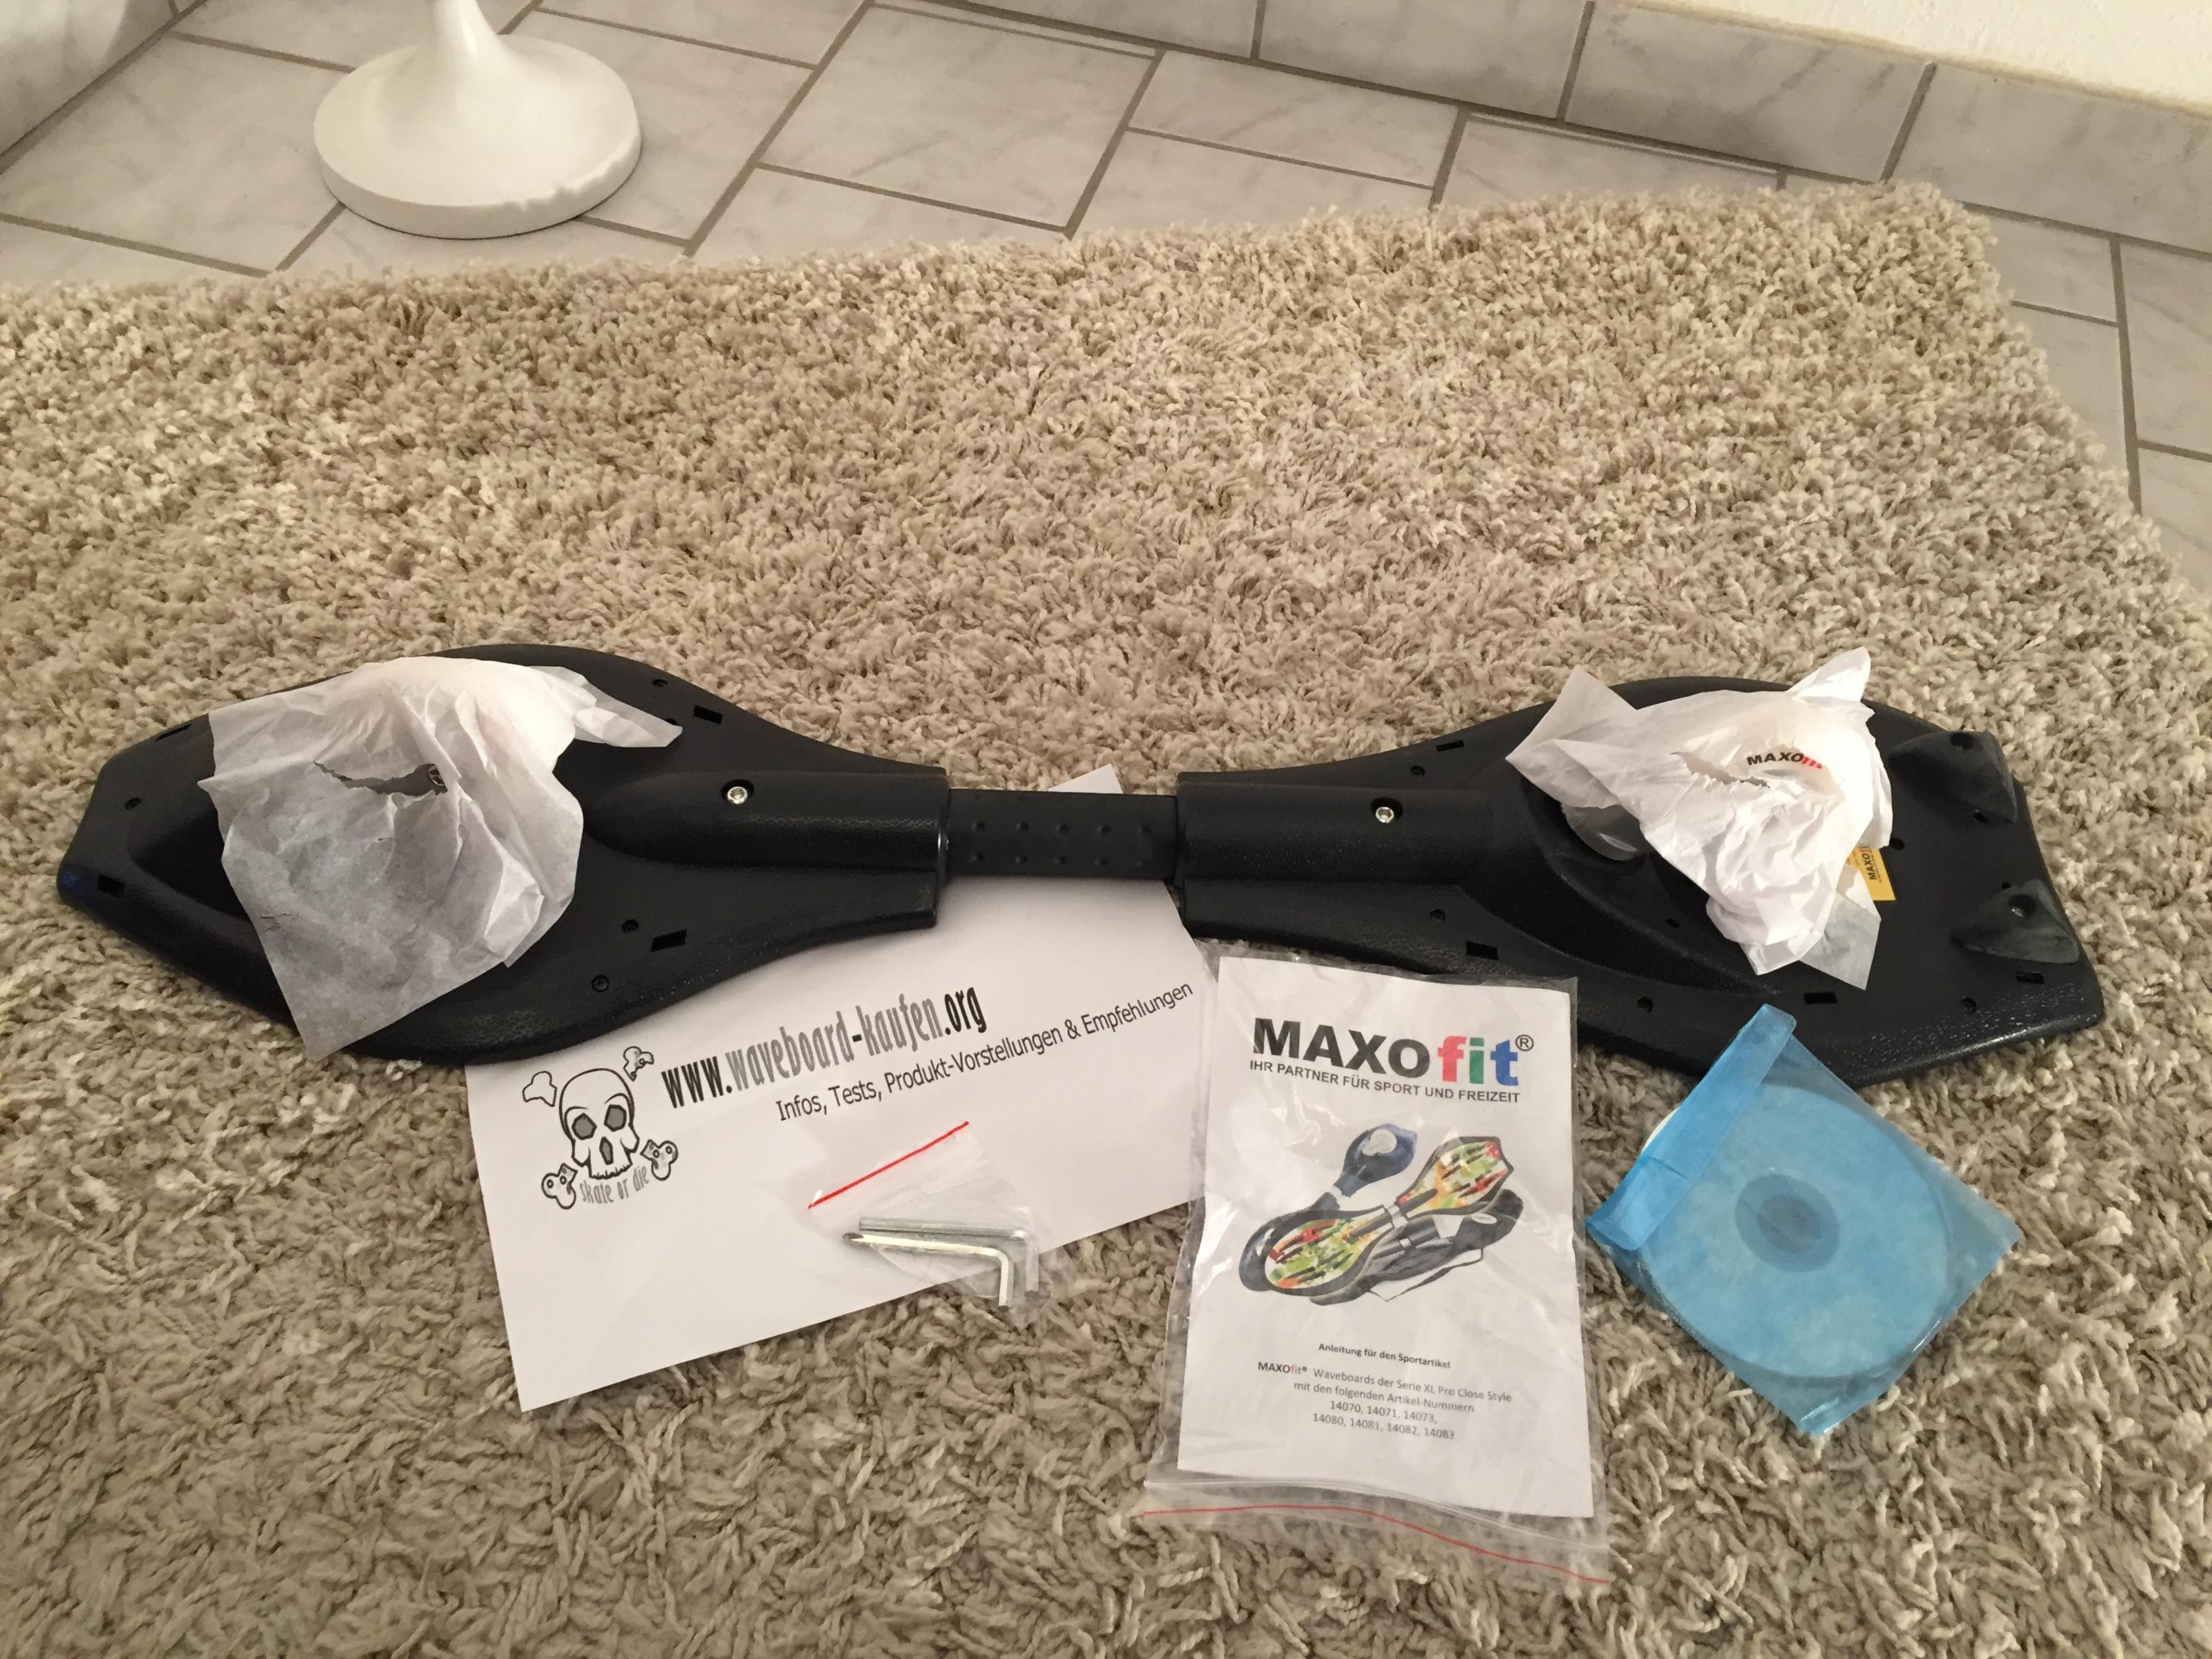 Das MAXOfit Pro XL von unten (Unterseite zu sehen), Werkzeug, Anleitung und CD